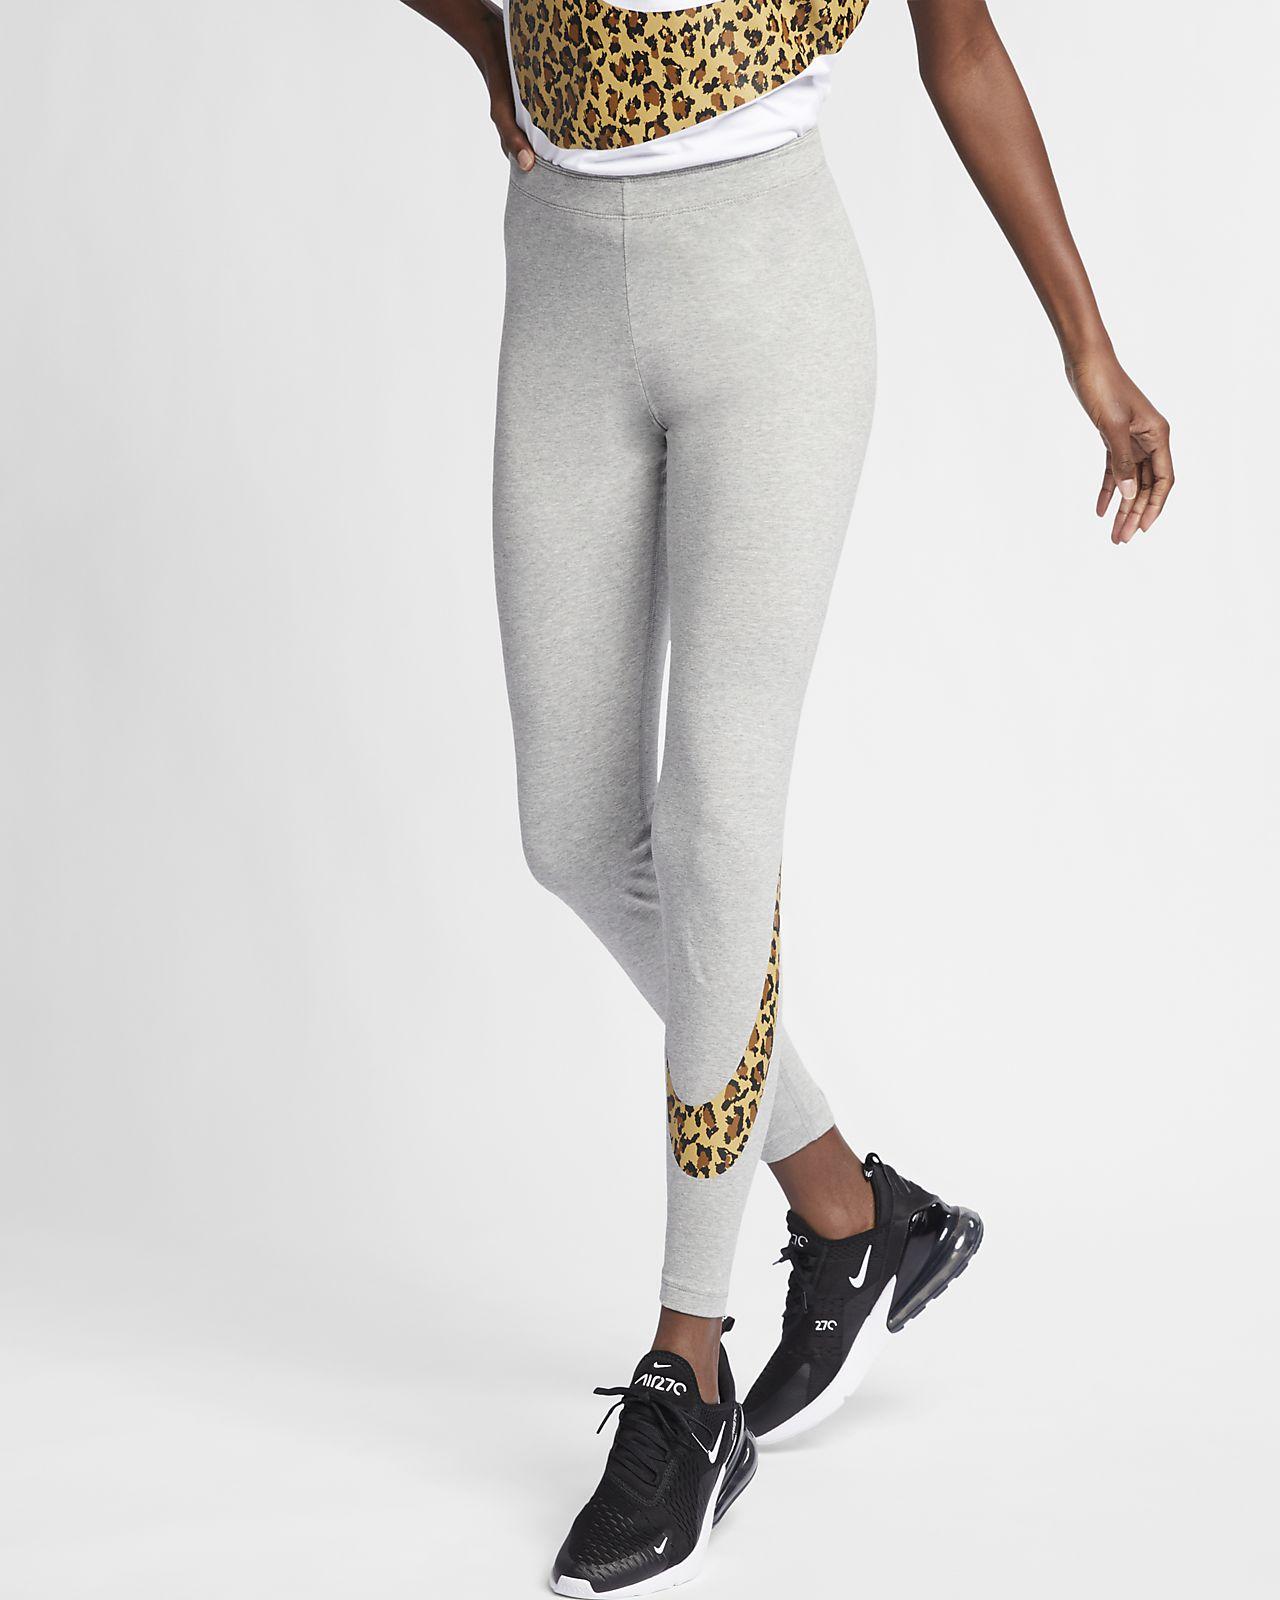 Nike Sportswear állatmintás női leggings